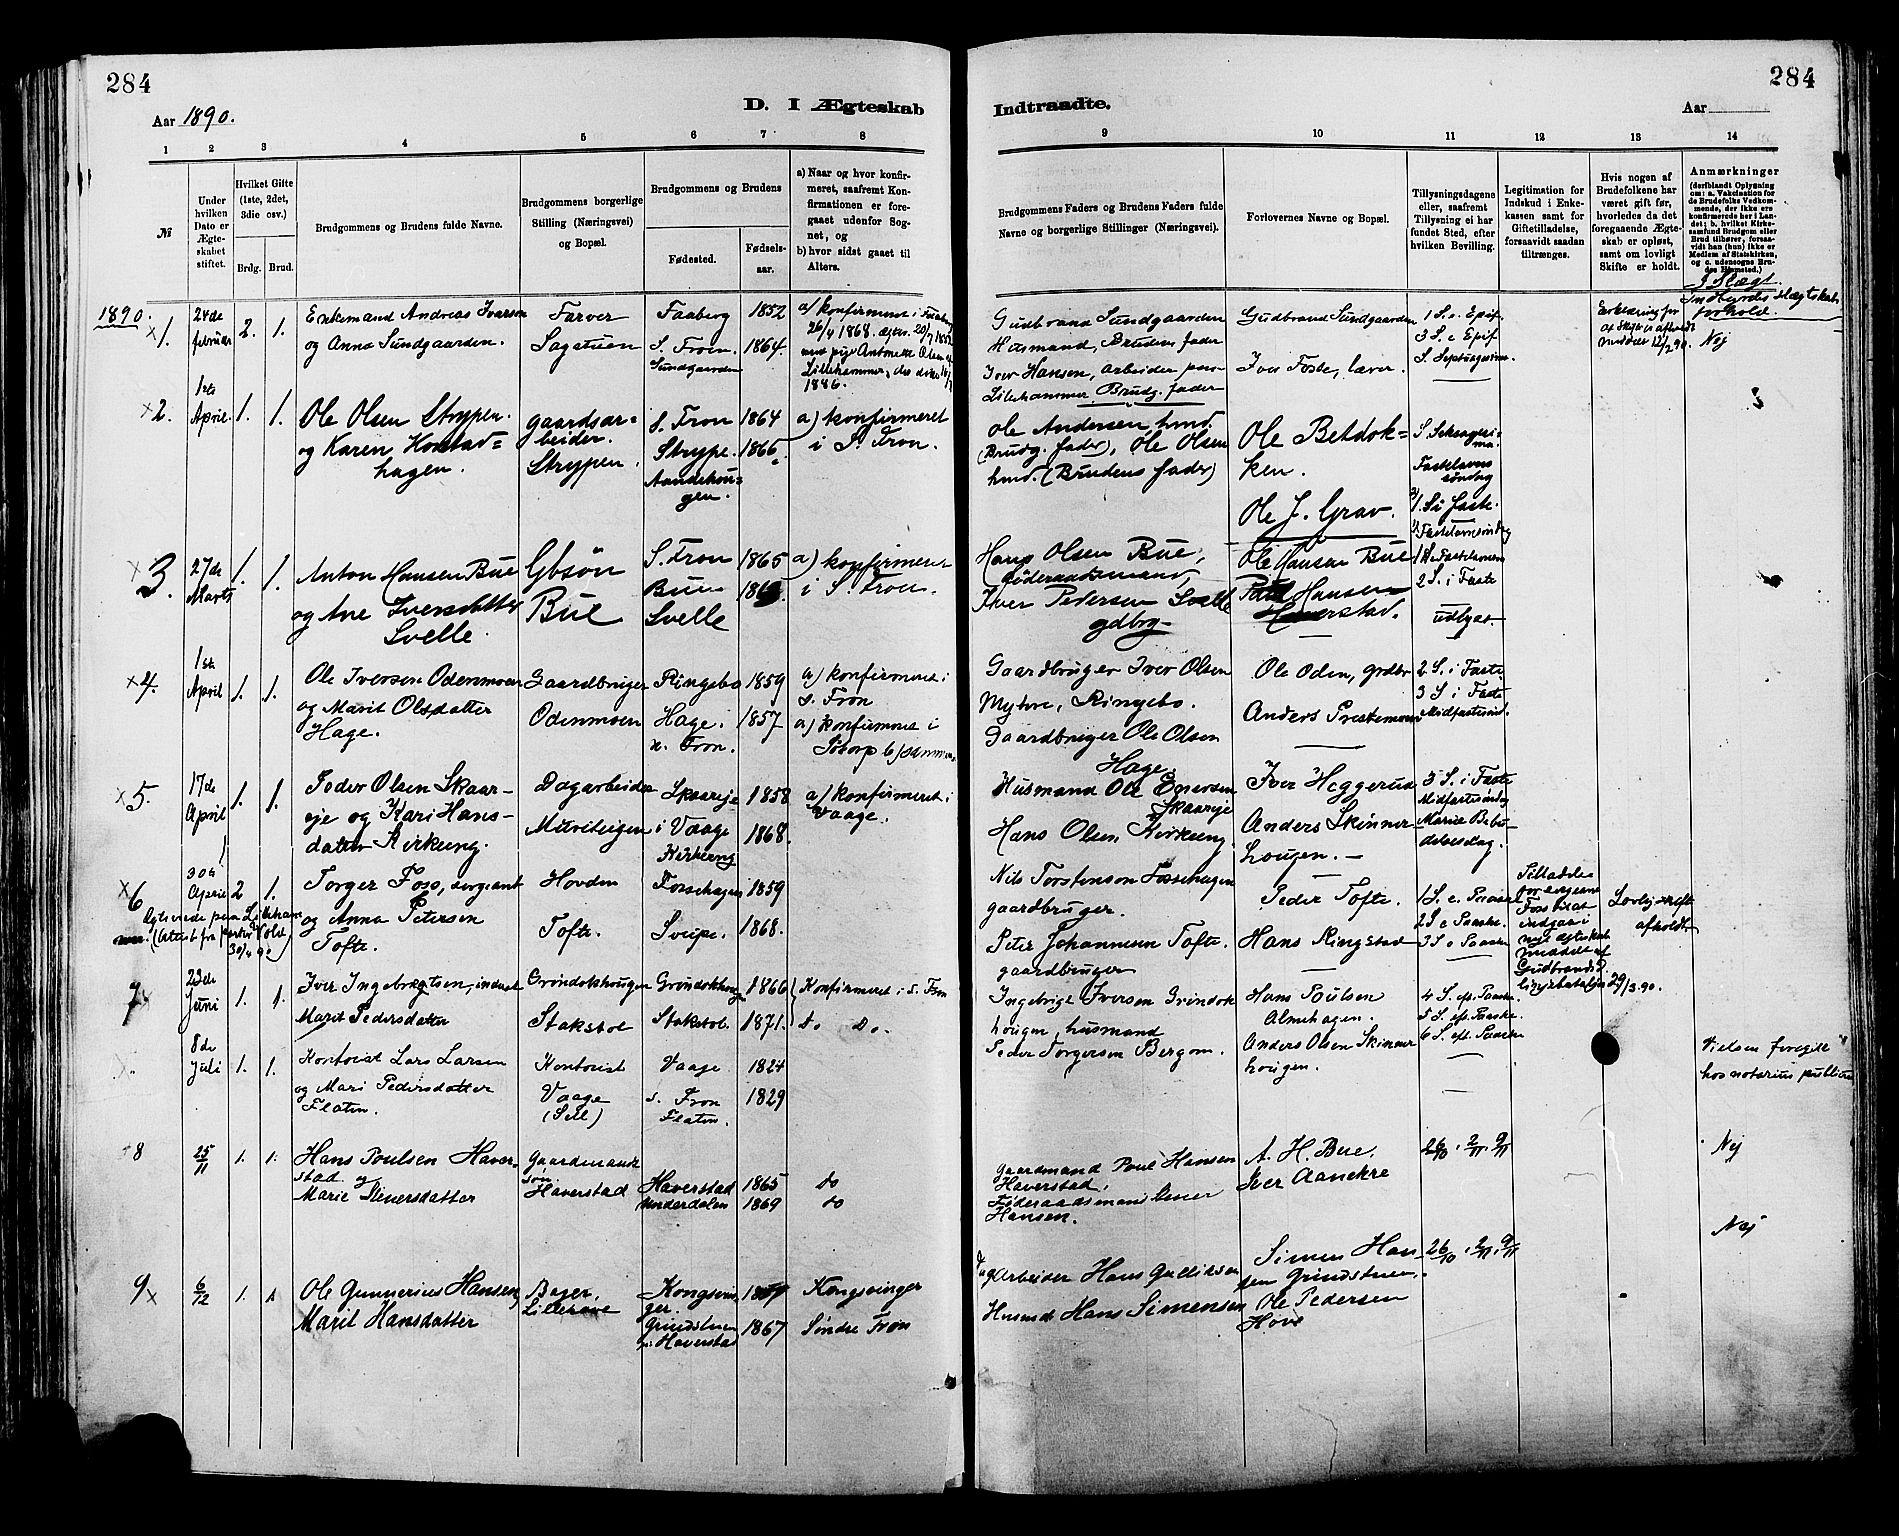 SAH, Sør-Fron prestekontor, H/Ha/Haa/L0003: Ministerialbok nr. 3, 1881-1897, s. 284